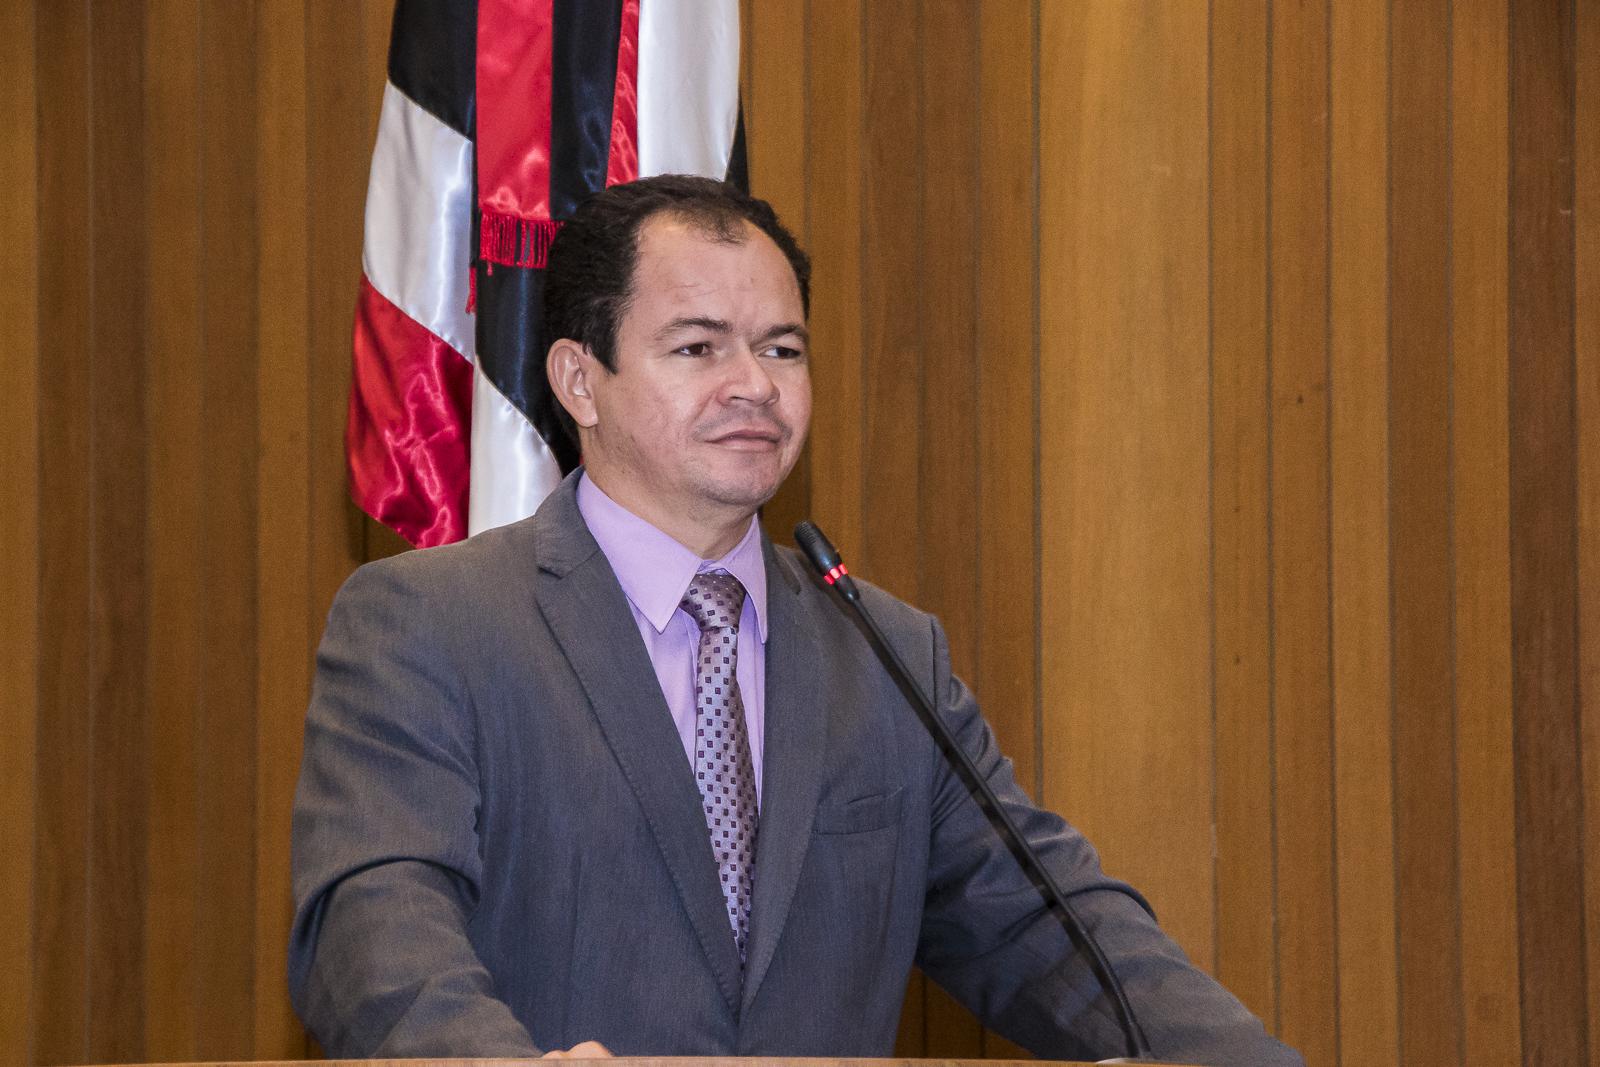 Rafael Leitoa contesta denúncia de falta de atendimento em hospital público